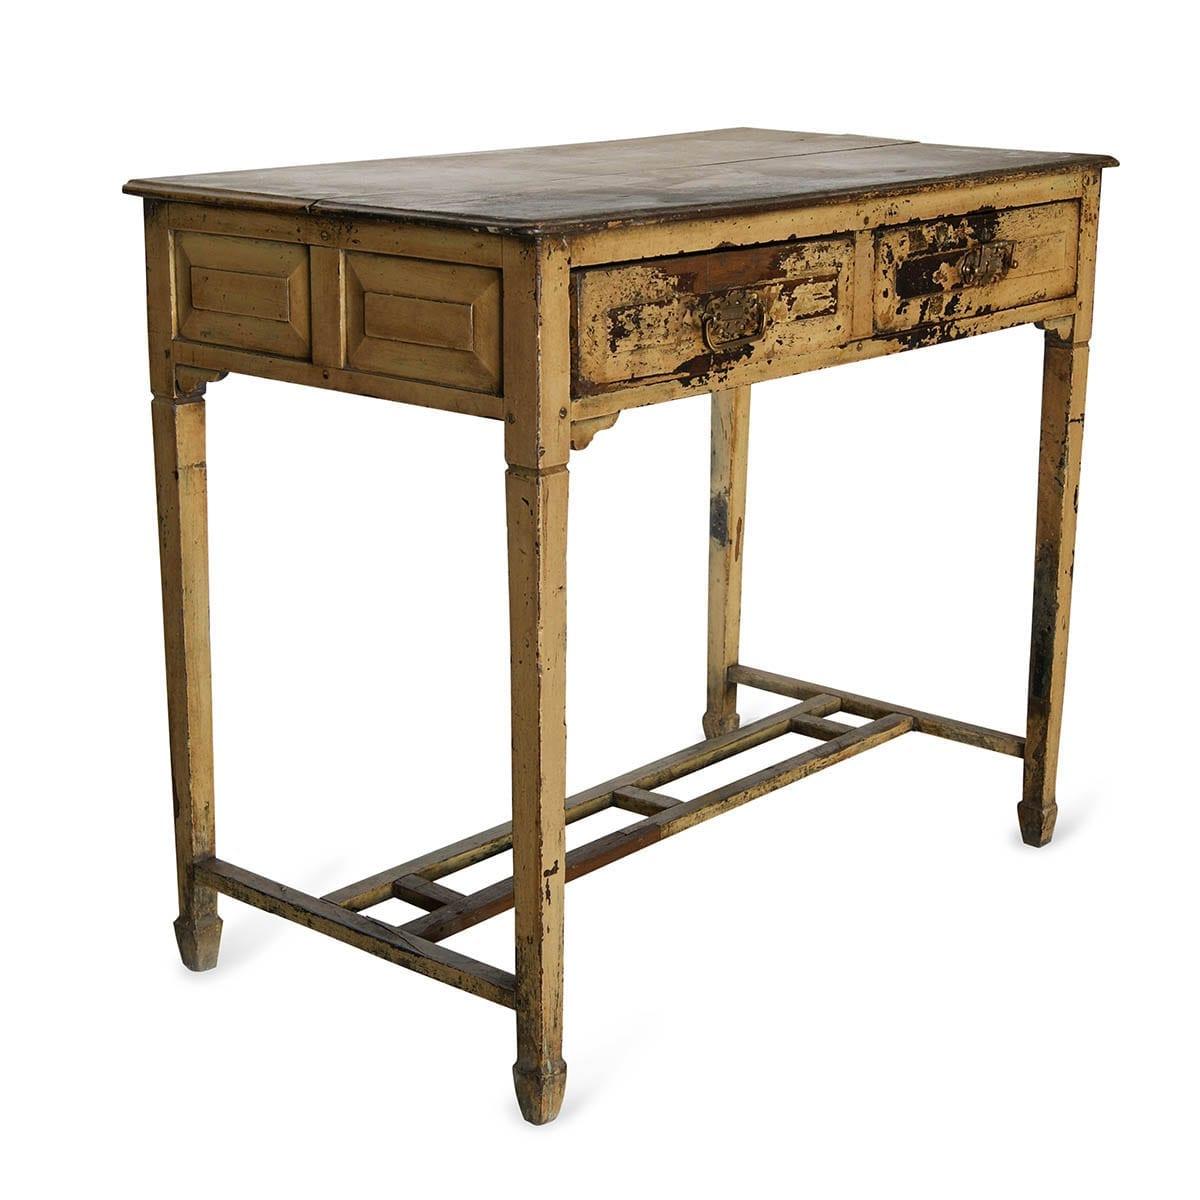 Mesas de madera tipo consola o auxiliar para hosteler a - Mesa de recibidor ...